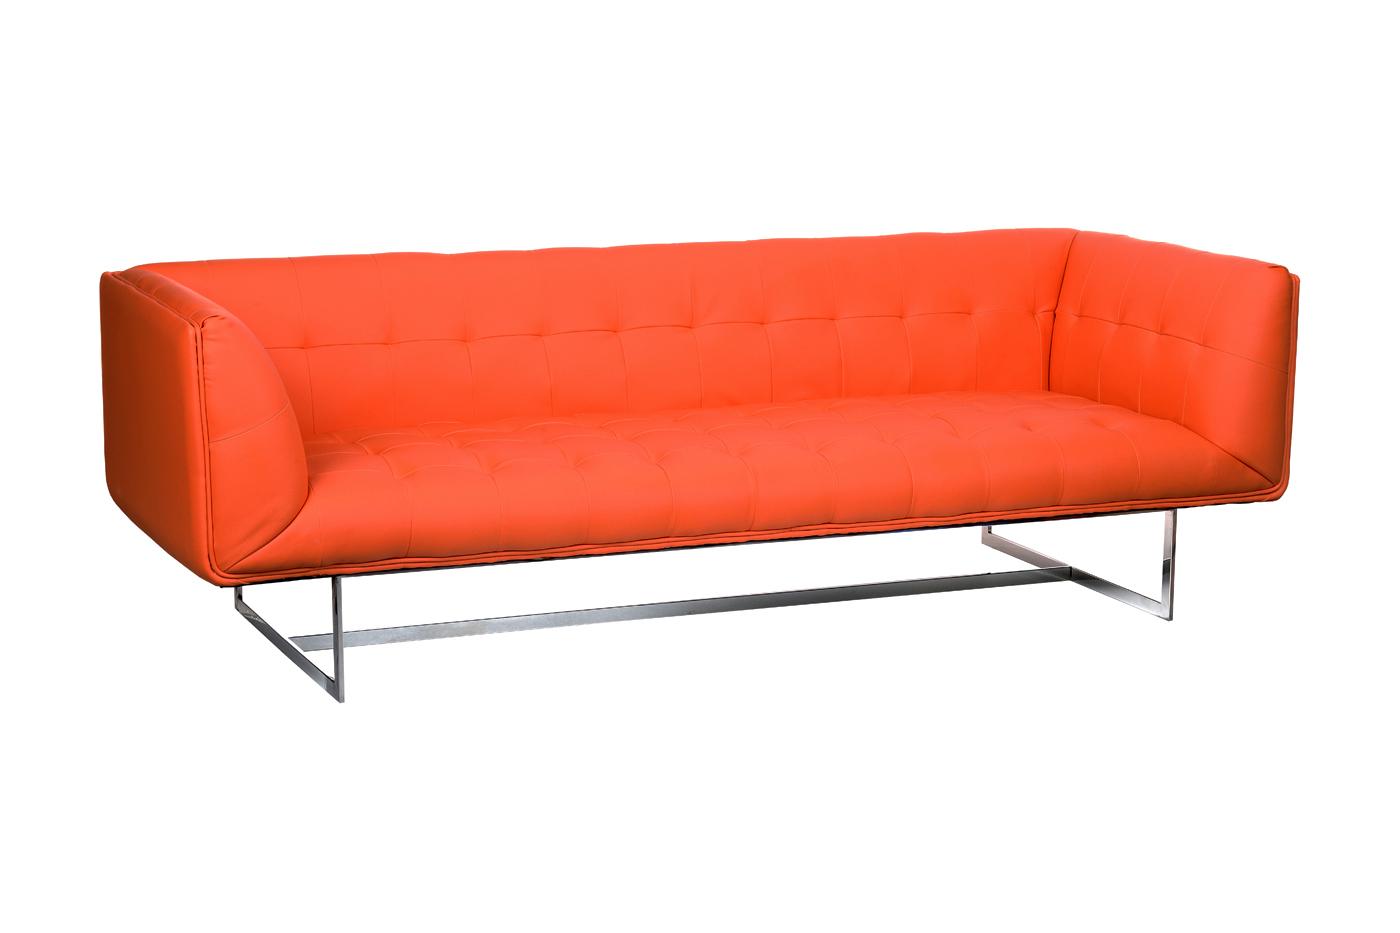 Ogromny Sofa EDWARD 3 Osobowa Skóra Ekologiczna - zFABRYKI.PL VU93